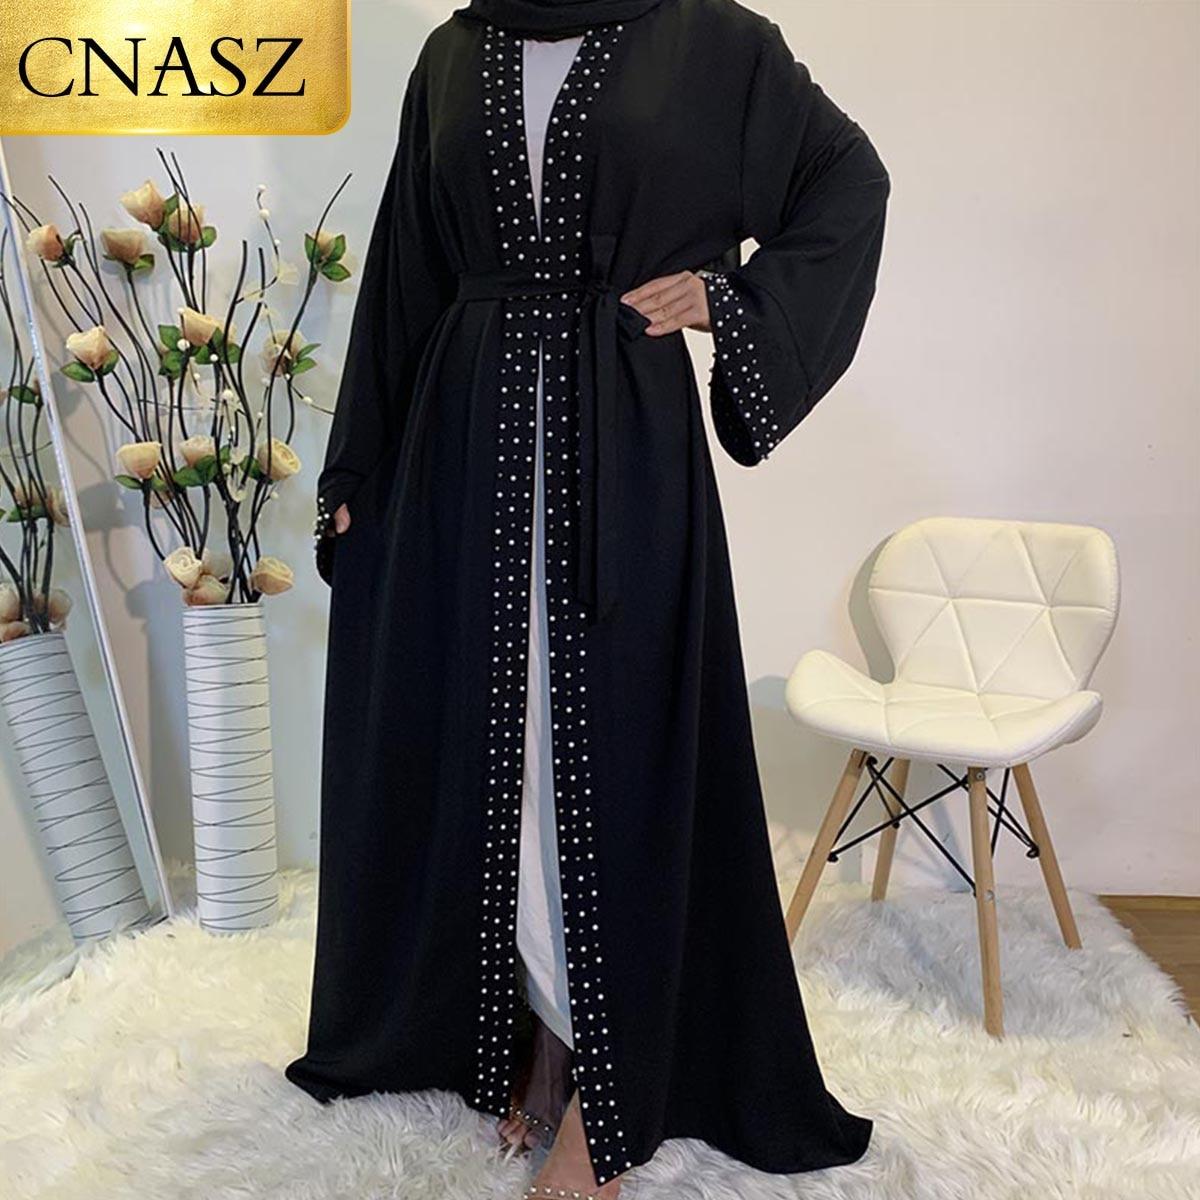 أحدث عبايات إسلامية للنساء موضة إسلامية لؤلؤ كيمونو رداء فستان متواضع طويل أنيق بأزرار ملابس أمامية مفتوحة عباية